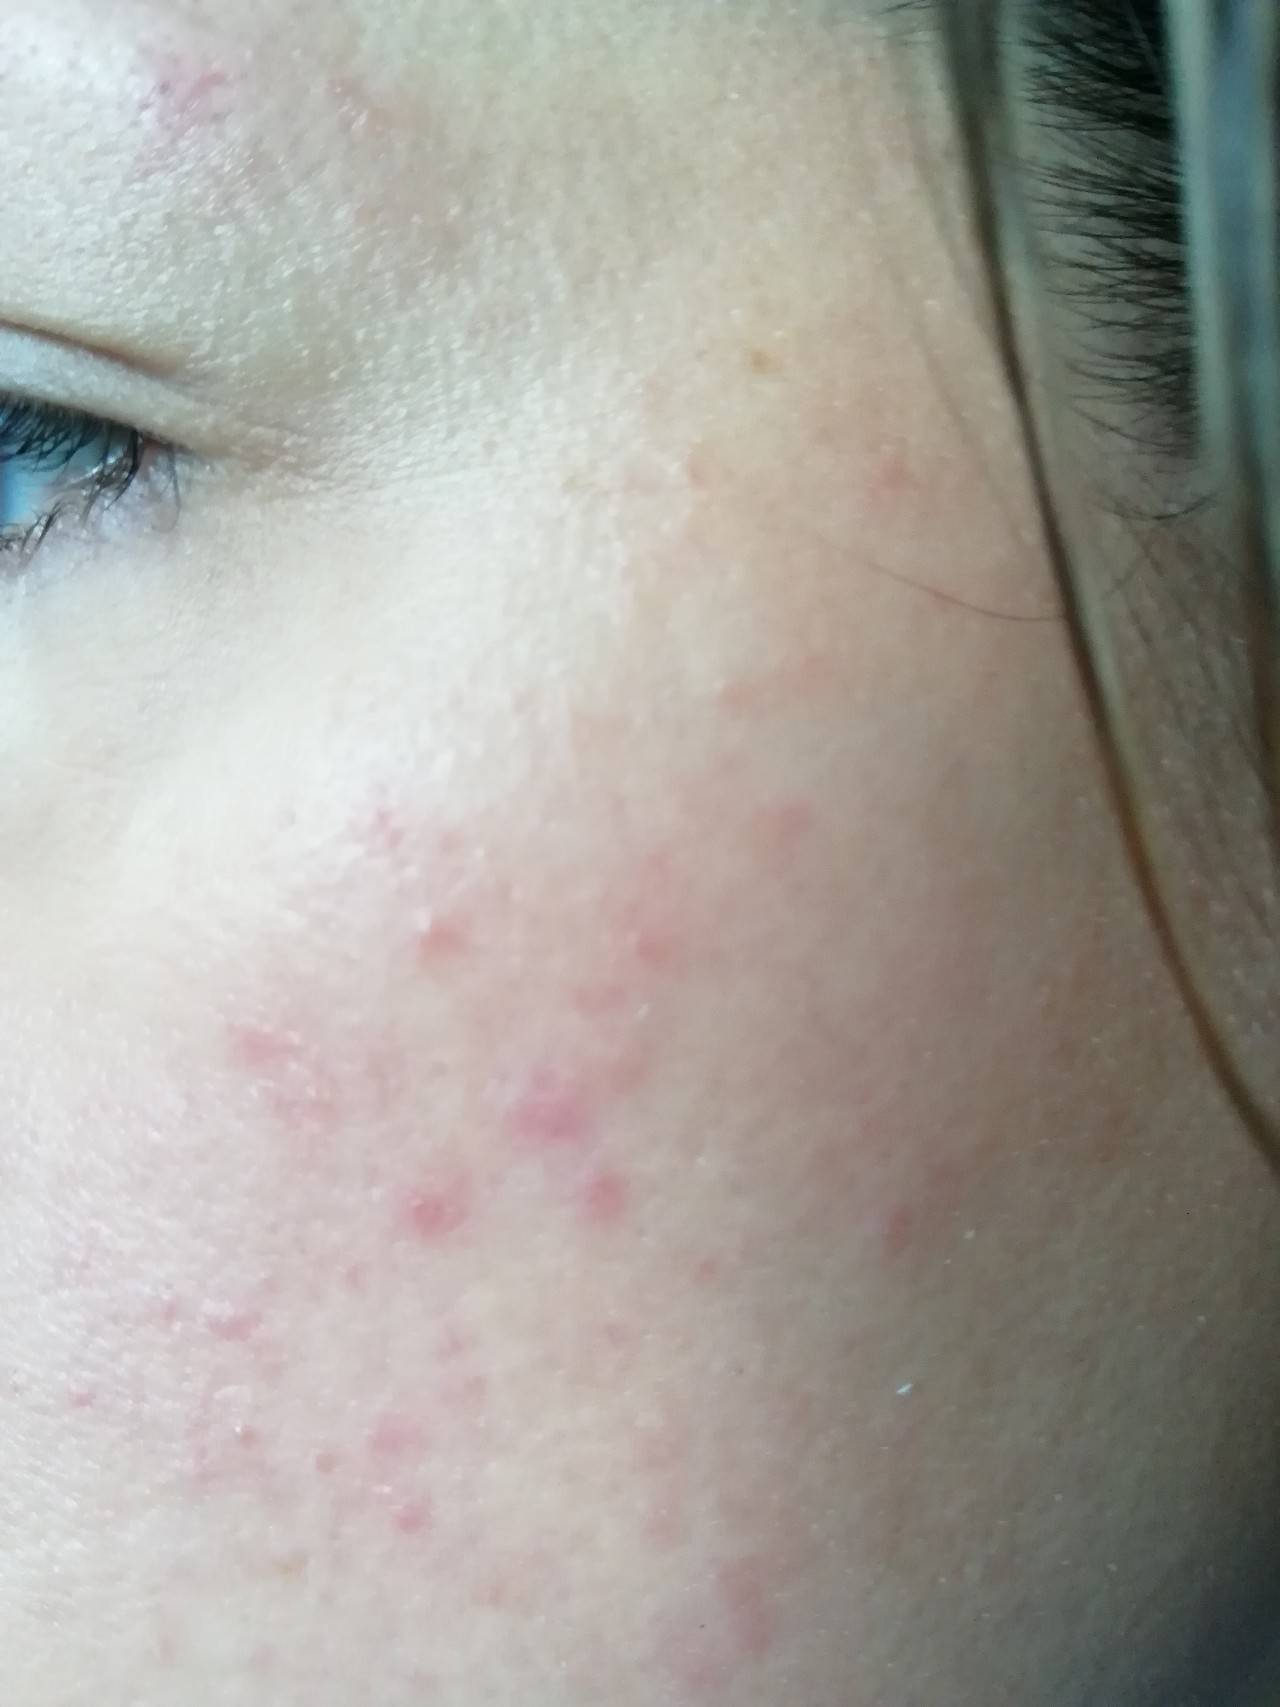 Сыпь на лице в виде мелких прыщиков у грудничка